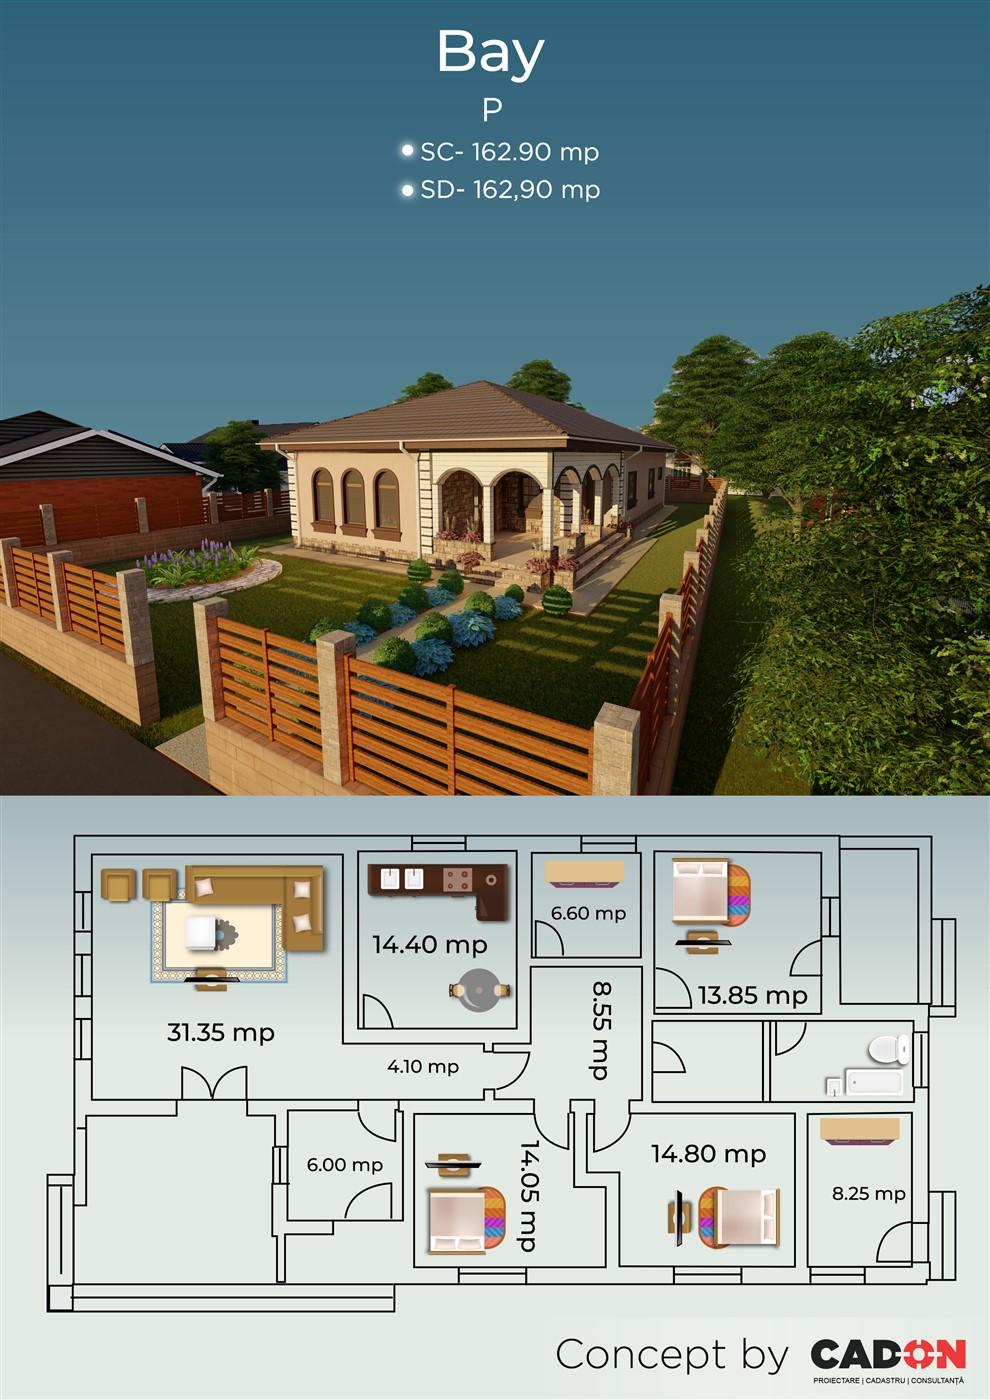 locuinta individuala, casa Bay, proiect locuinta, parter, locuinta incapatoare, Cad-on.ro, curte, gradina, terasa, locuinta mica